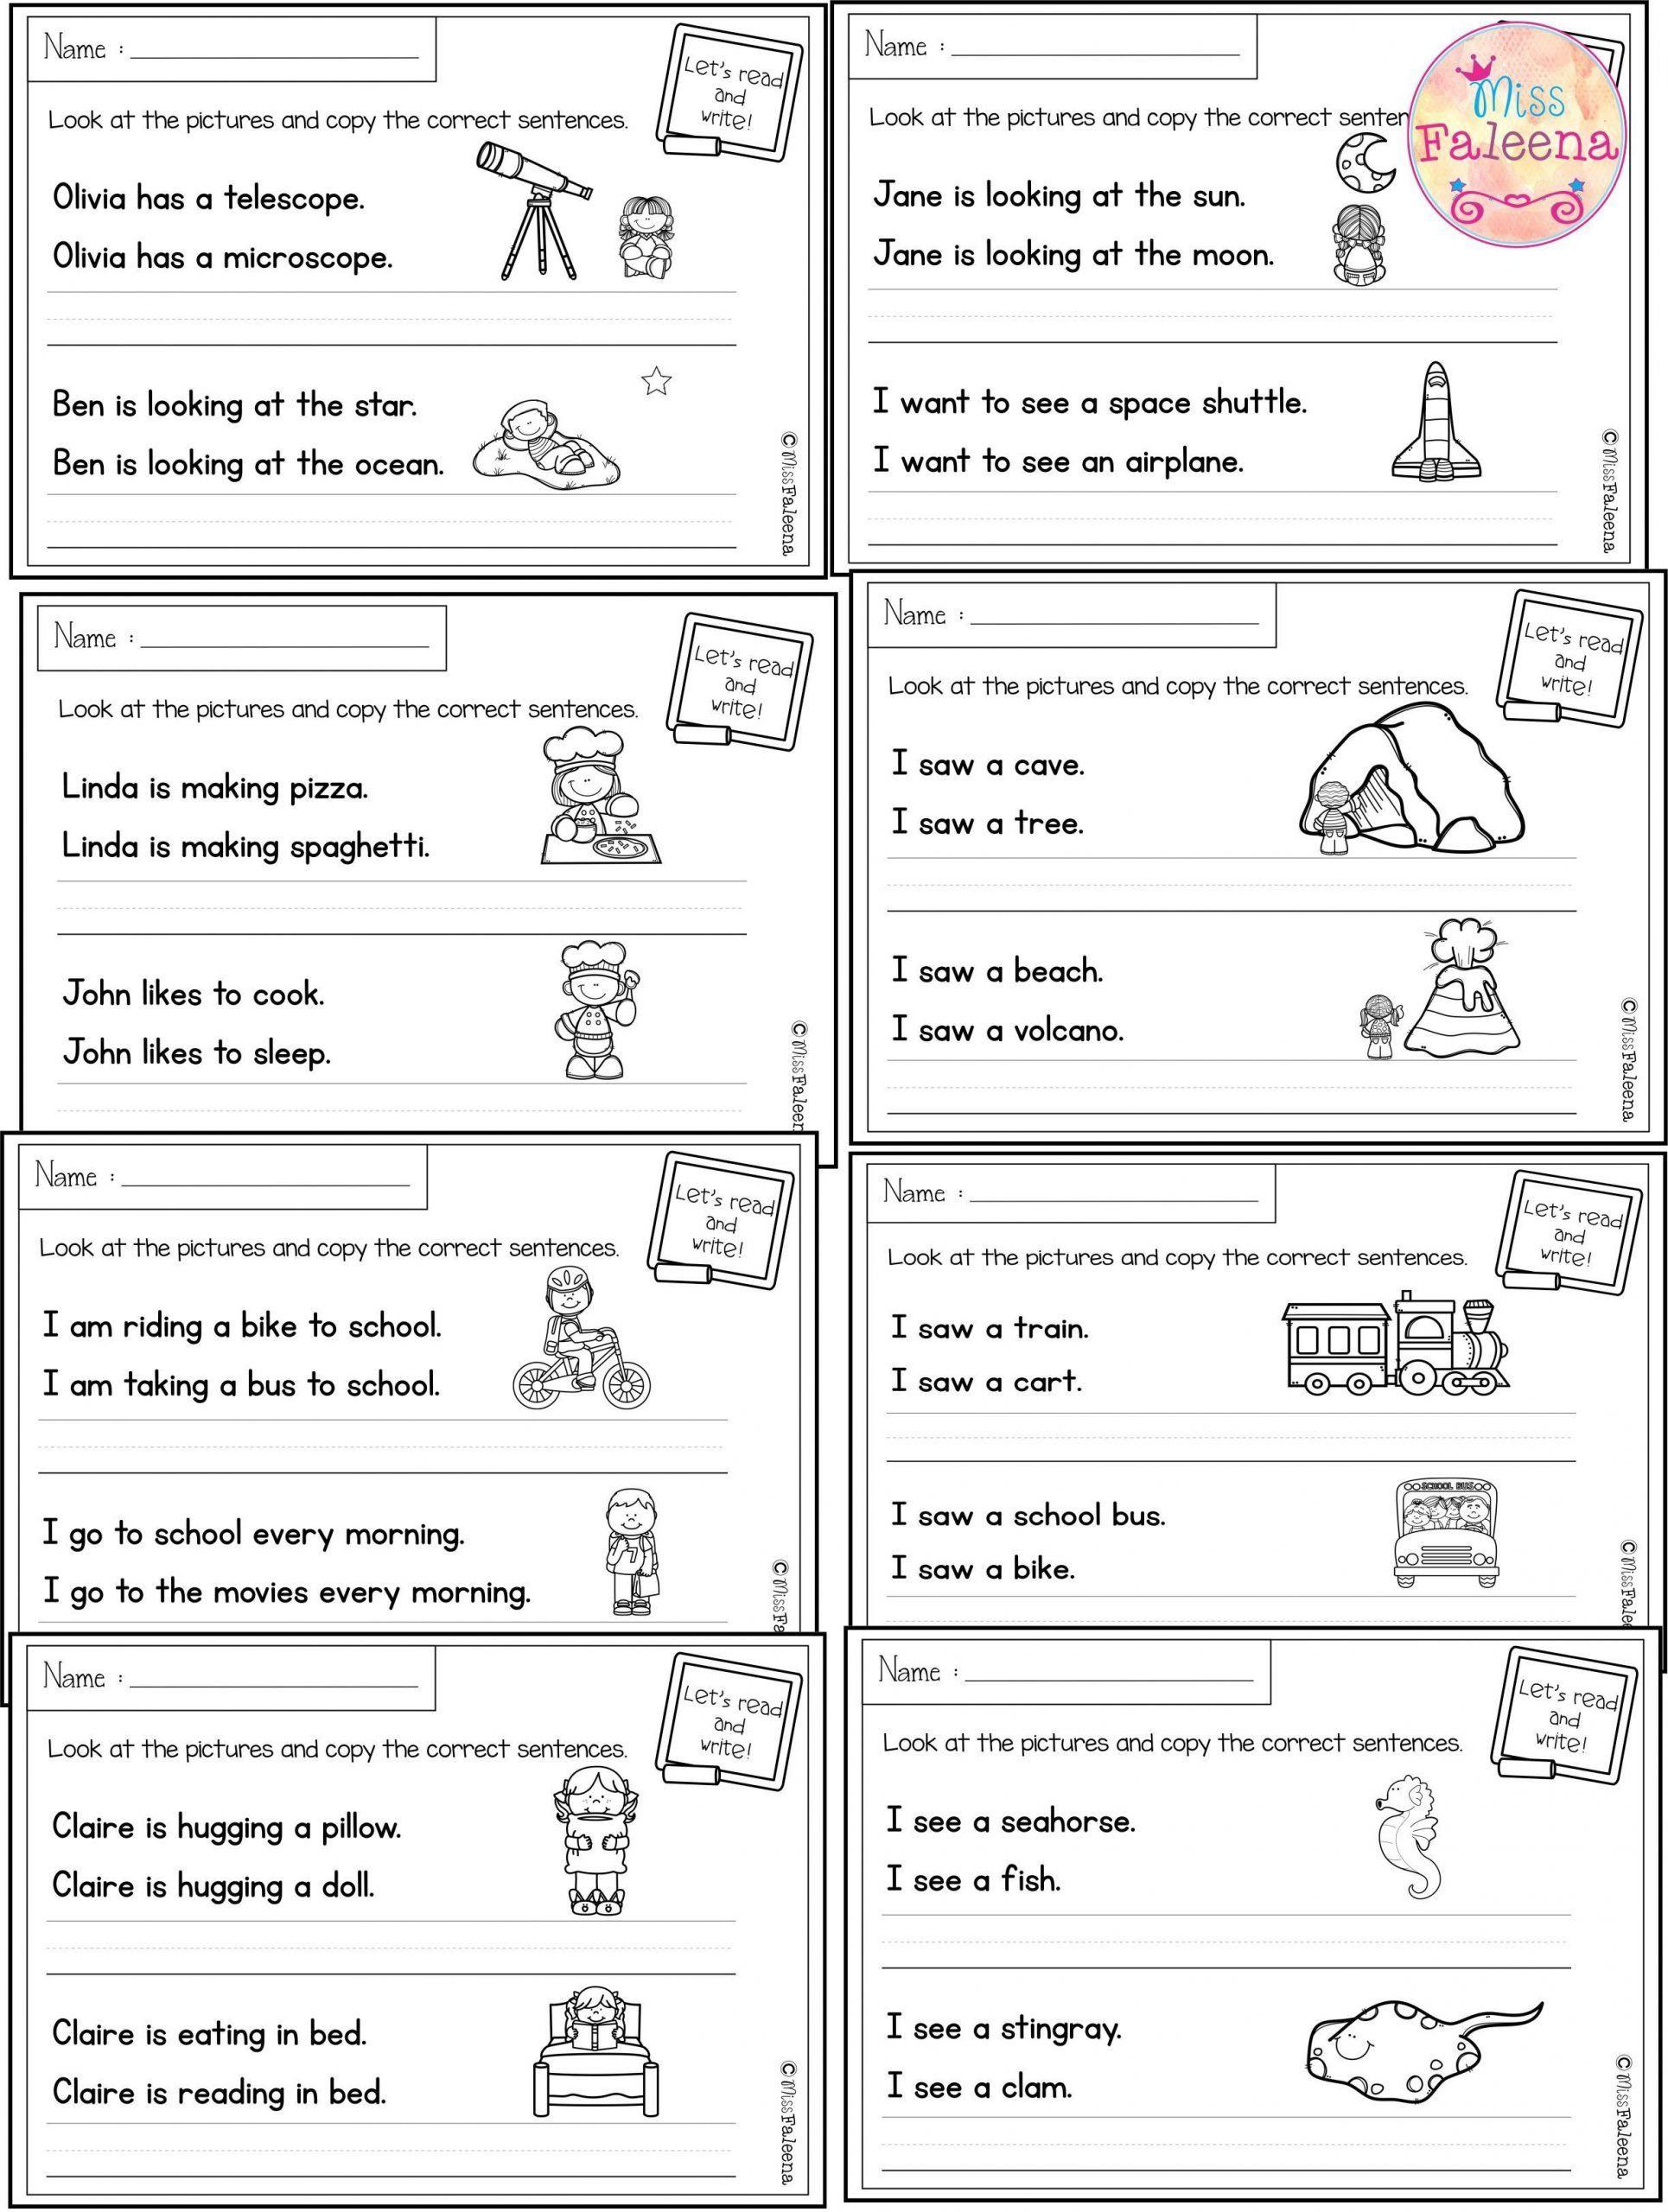 Free Printable Sentence Writing Worksheets August Sentence Writing With Images In 2020 Sentence Writing Writing Worksheets Sentence Correction